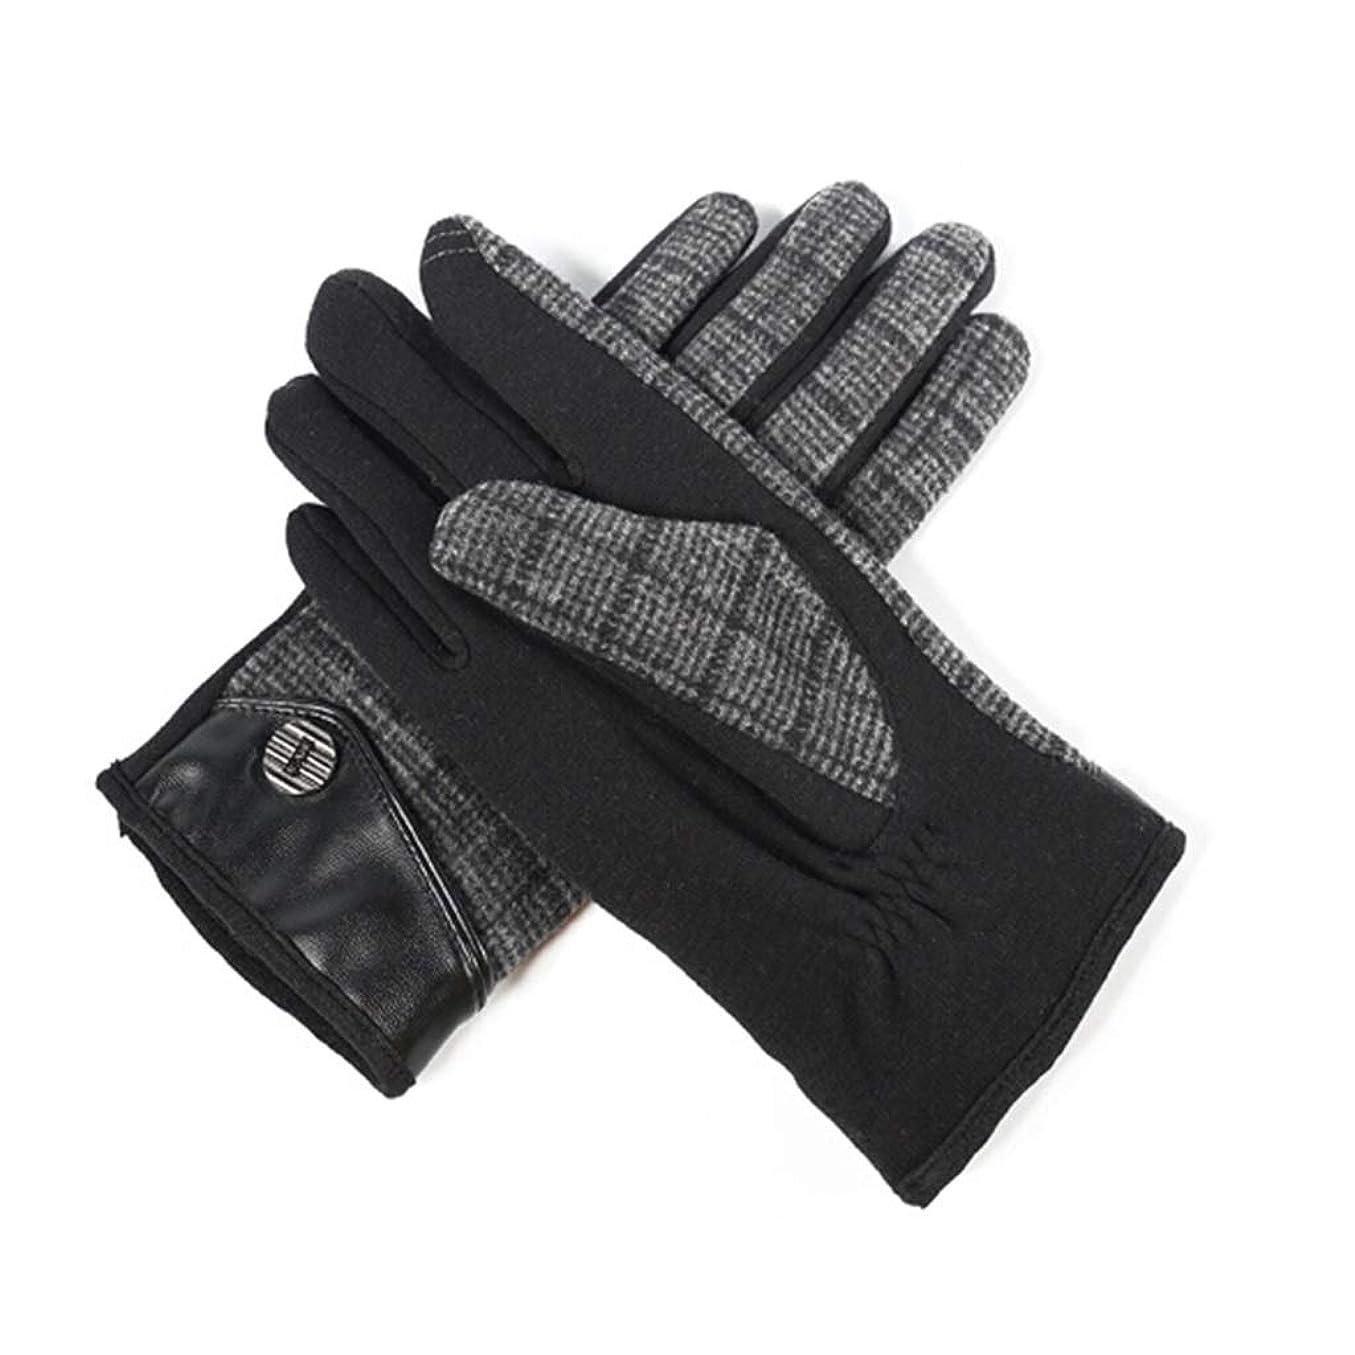 バケツガレージヘア暖かいメンズサイクリング用手袋を保つための男性用手袋プラスベルベットの秋冬用手袋